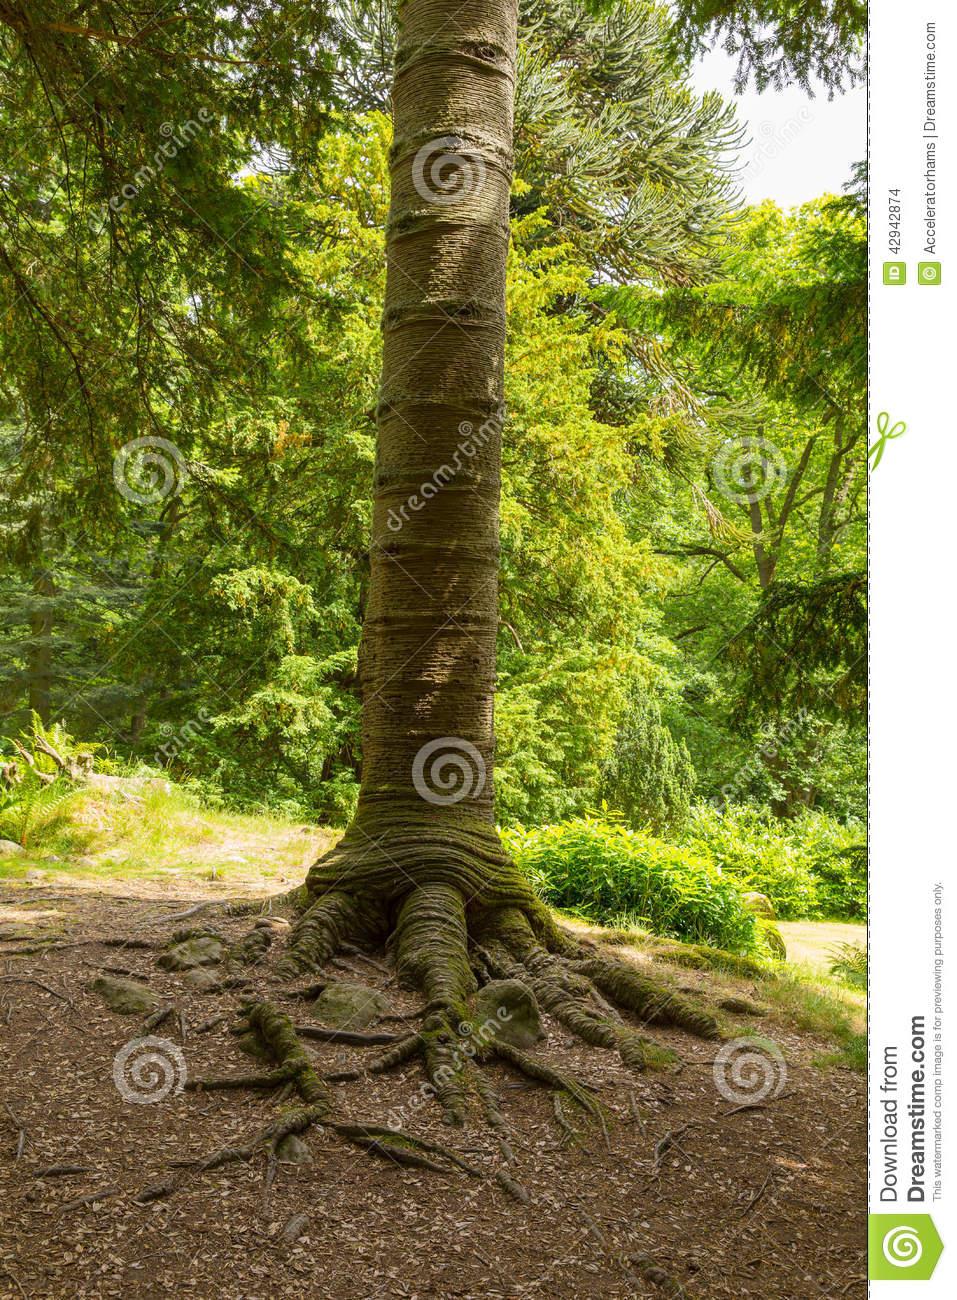 Monkey walking on a trunk tree clipart.